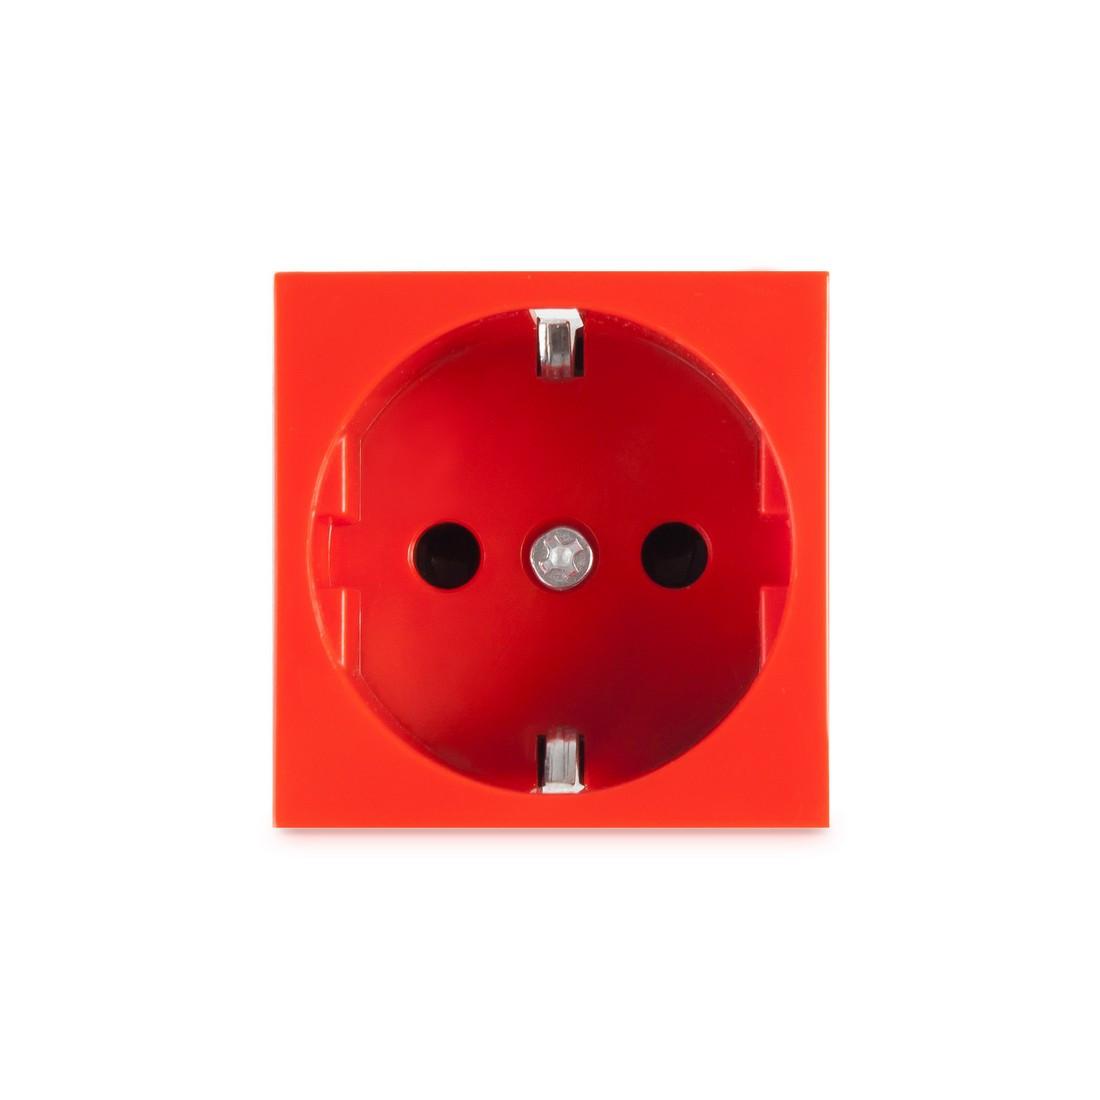 Розетка электрическая Рувинил 70102 Типа Shuko 45x45 мм Красная 250В 16А